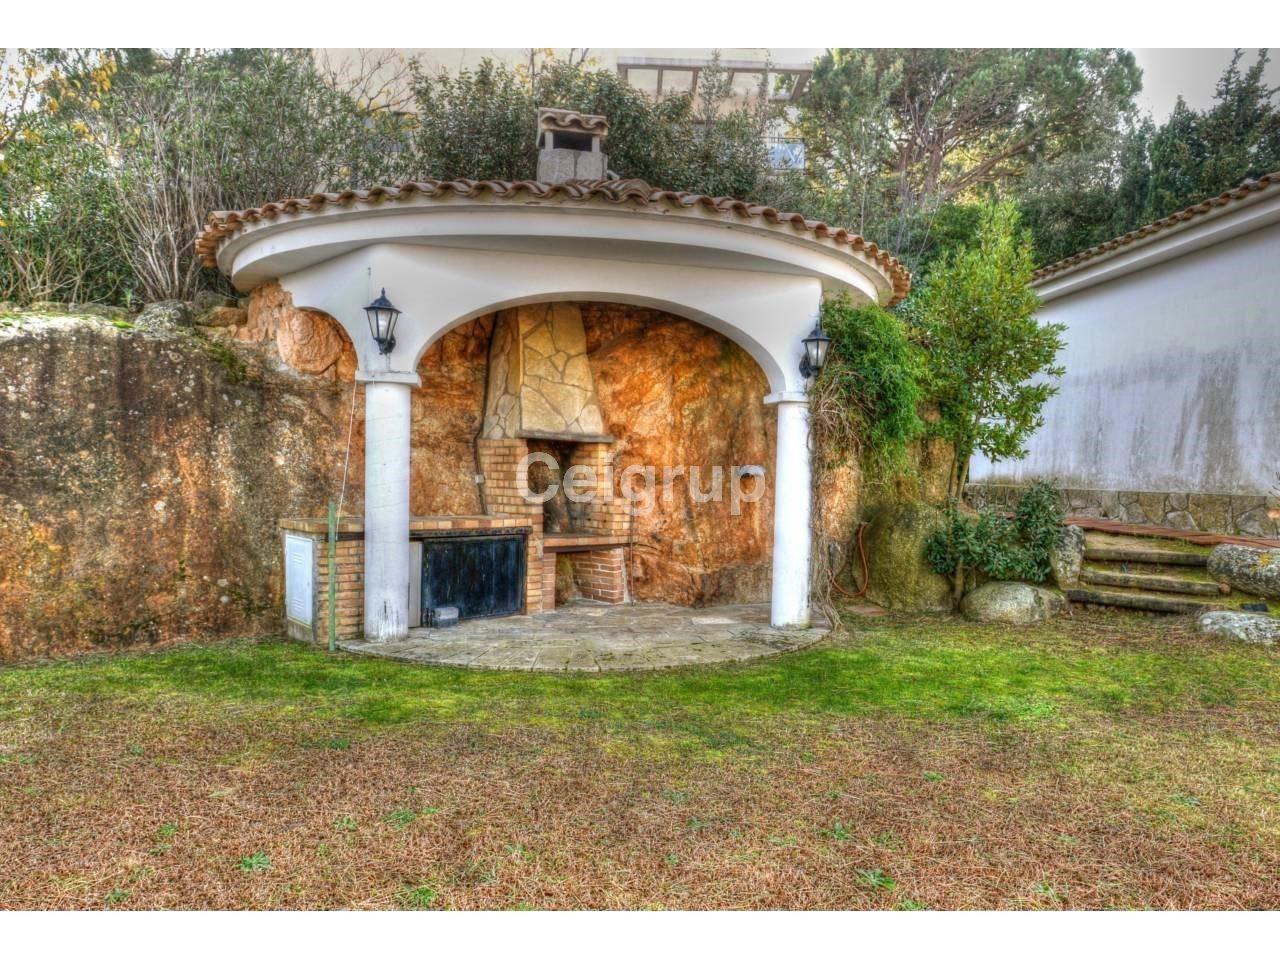 Venta casa sant feliu de guixols ceigrup inmobiliaries - Casas sant feliu de guixols ...